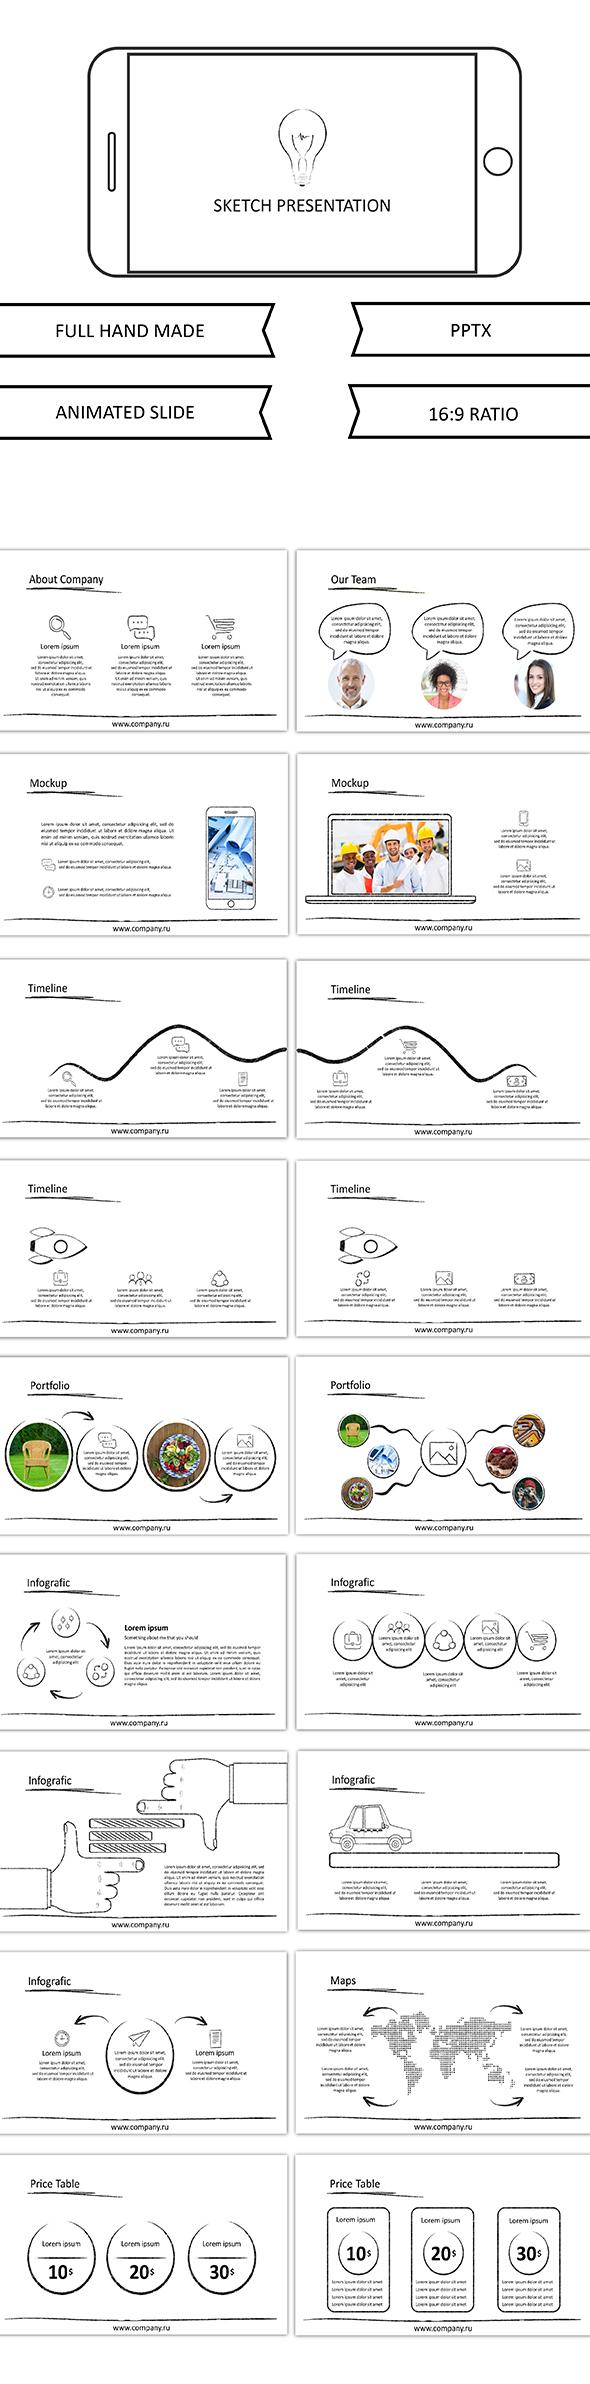 Sketch - Google slide - Google Slides Presentation Templates